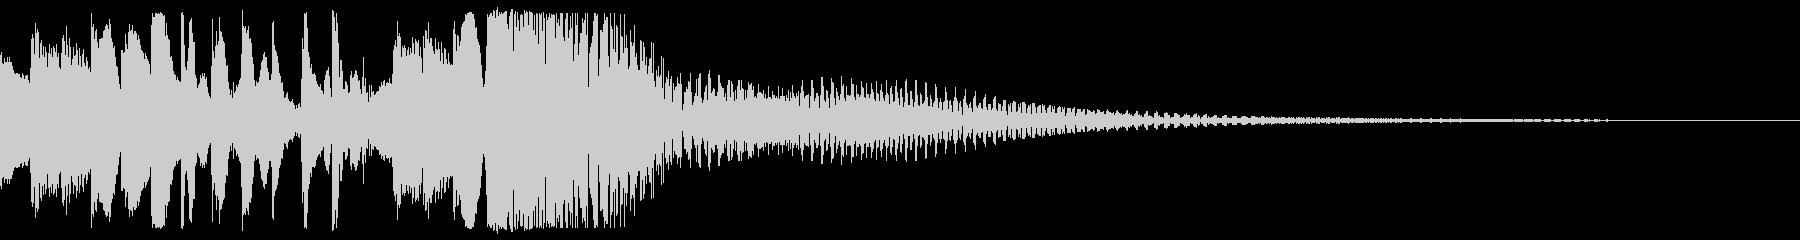 ピアノとストリングスのアルペジオジングルの未再生の波形